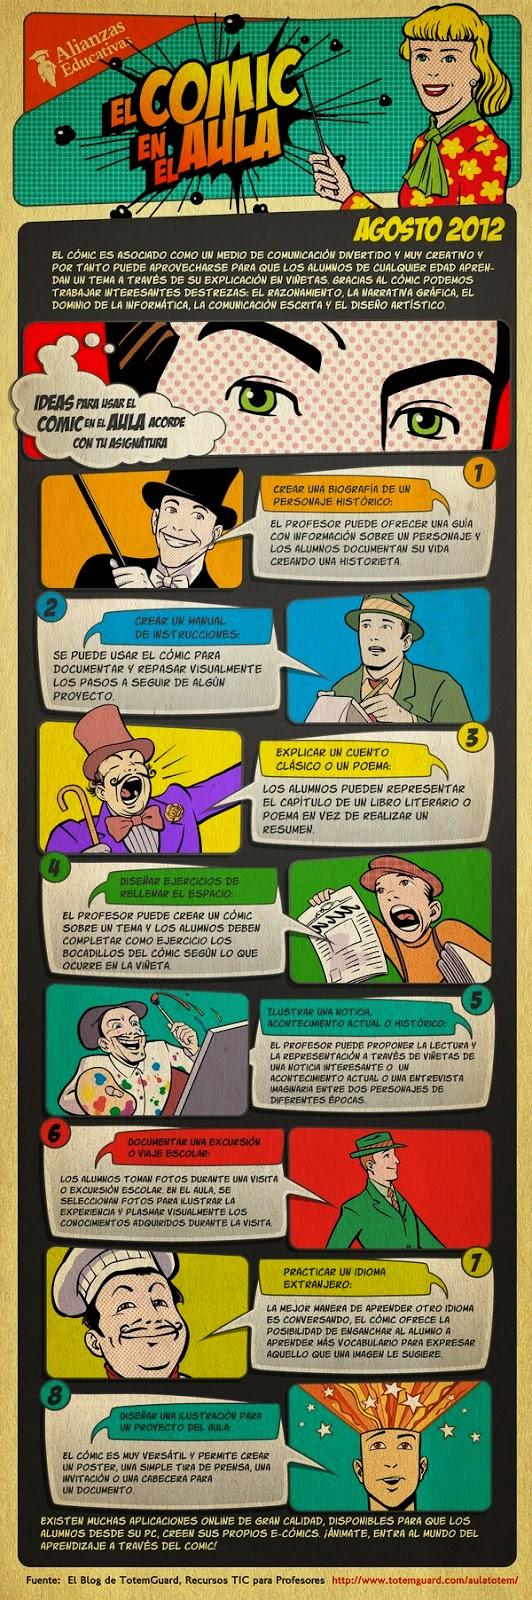 el comic en el aula